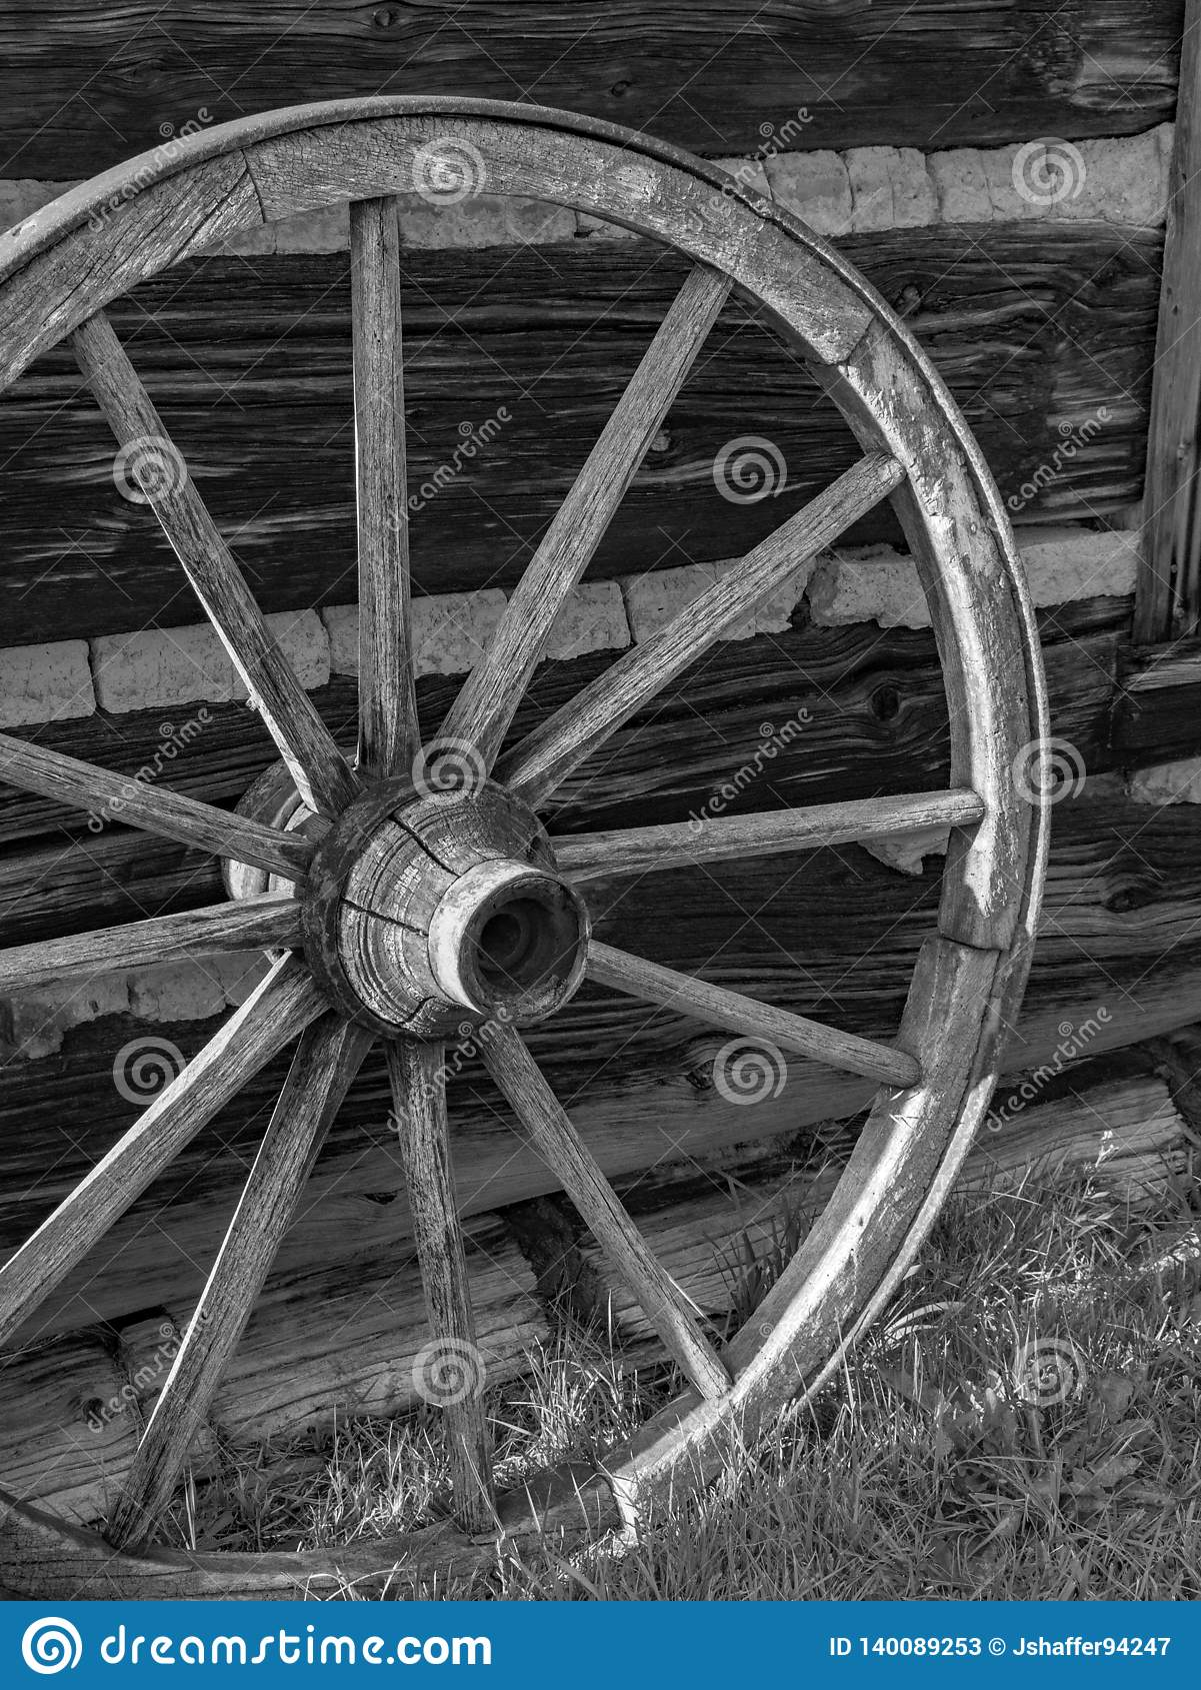 反对木谷仓的古色古香的木马车车轮